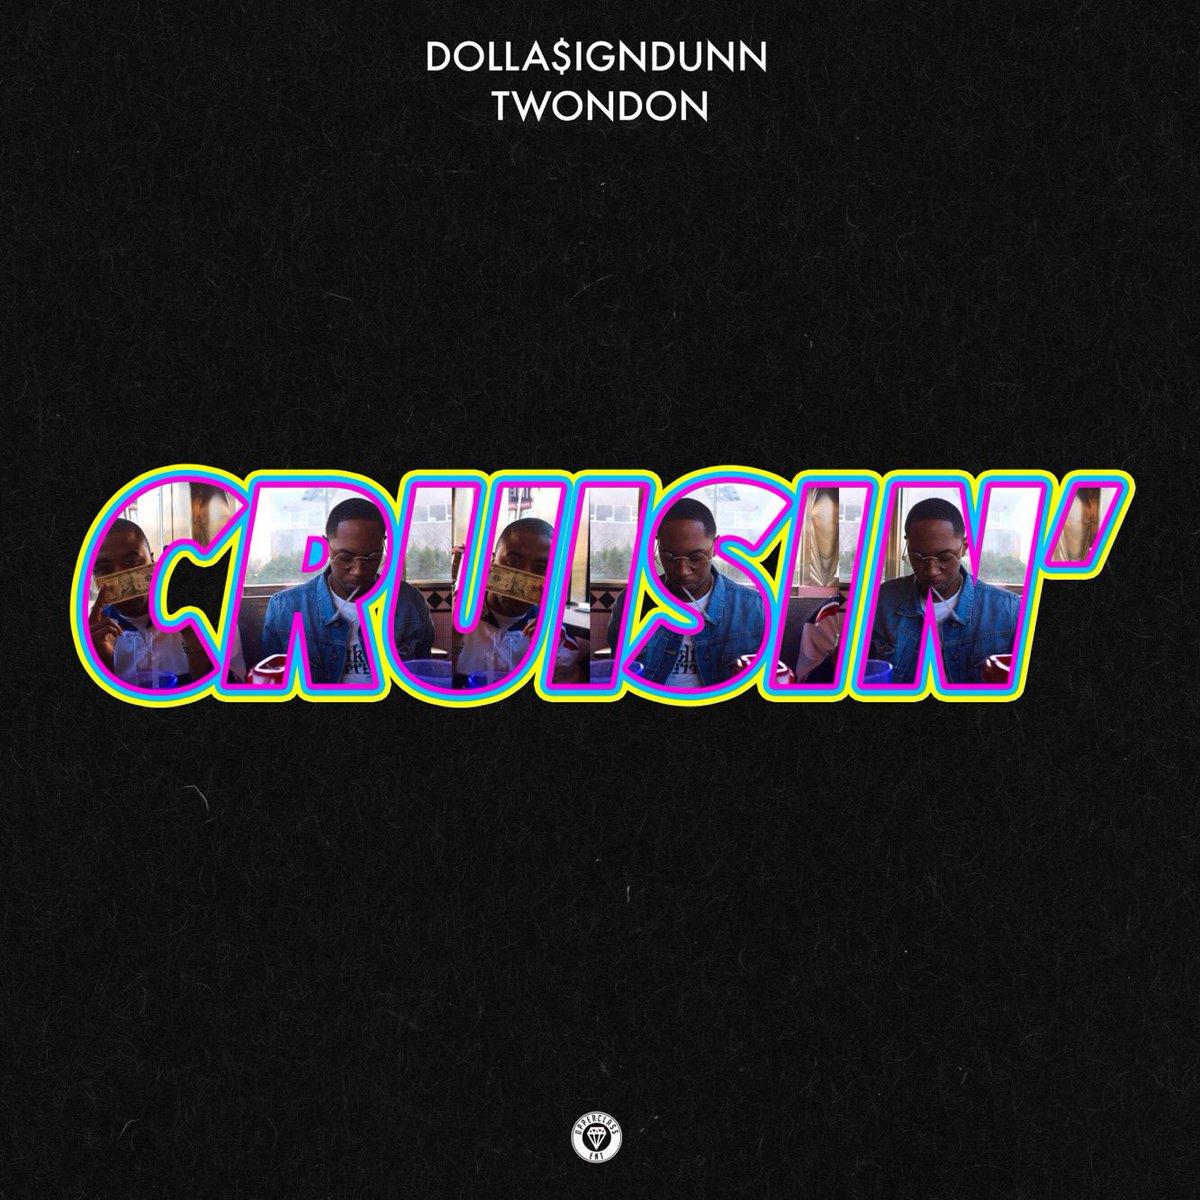 """New Music: Dolla$ignDunn – """"Cruisin"""" (Feat. TwonDon)"""